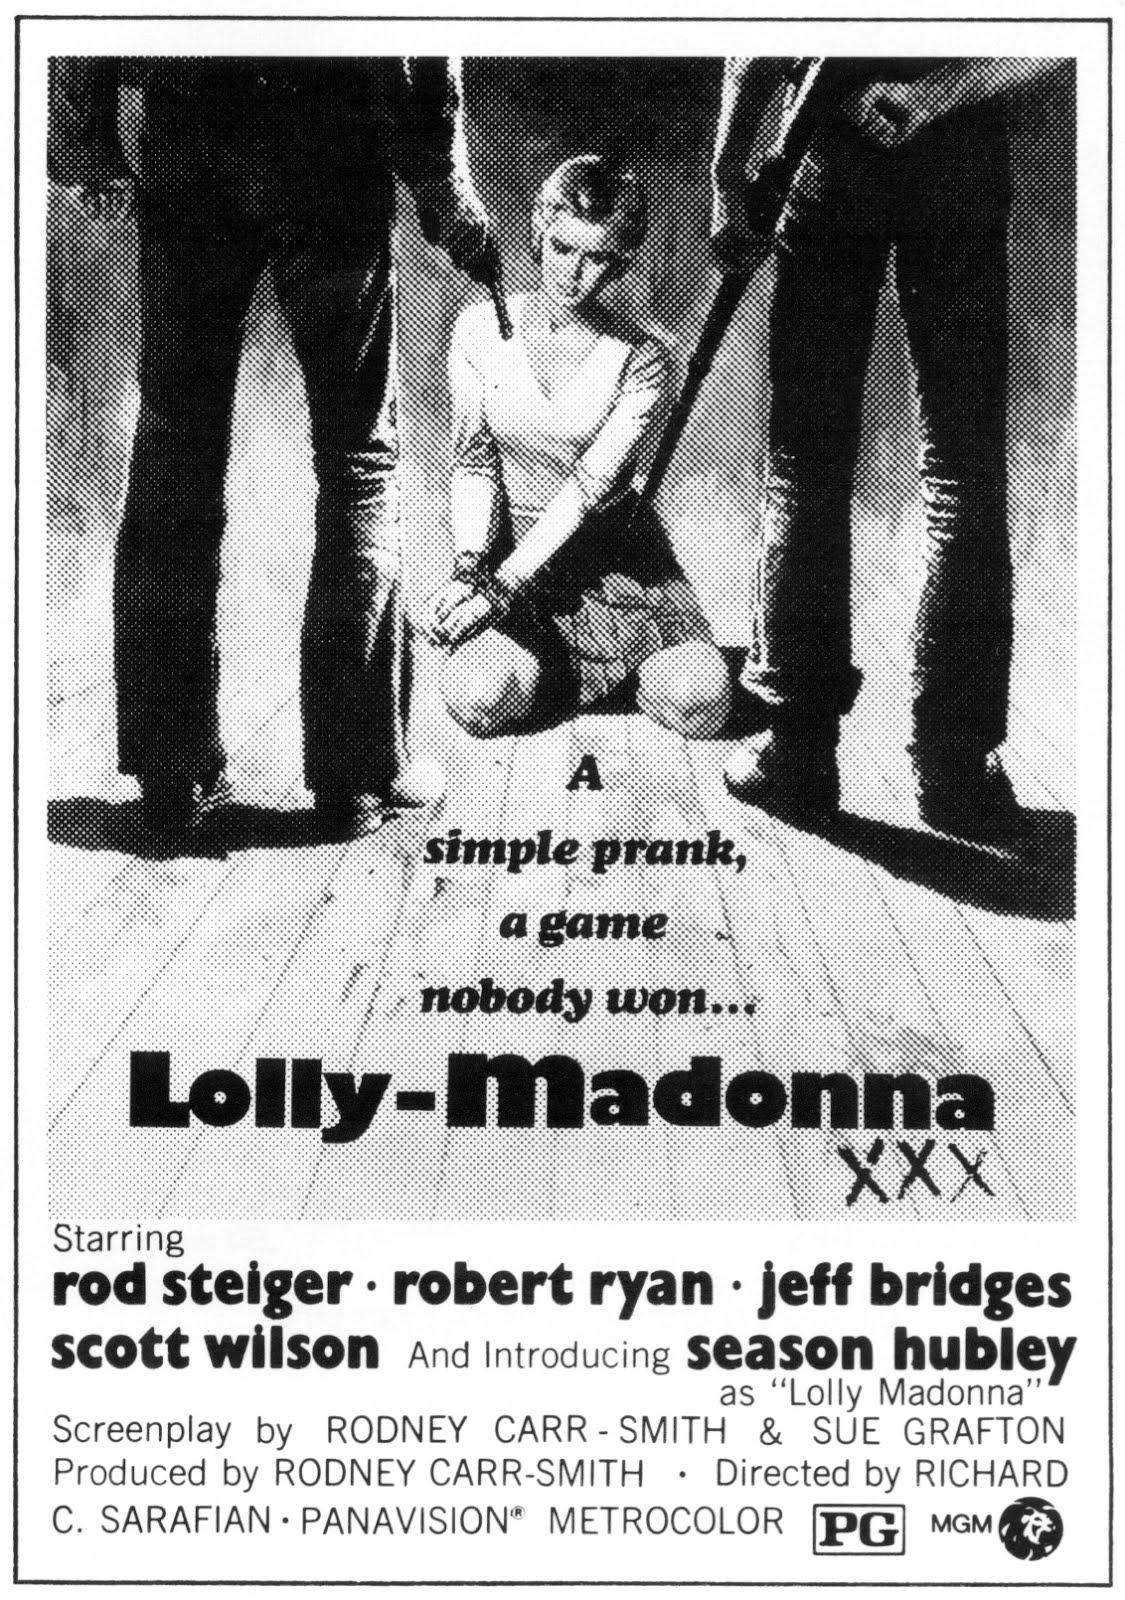 Lolly madonna xxx 1